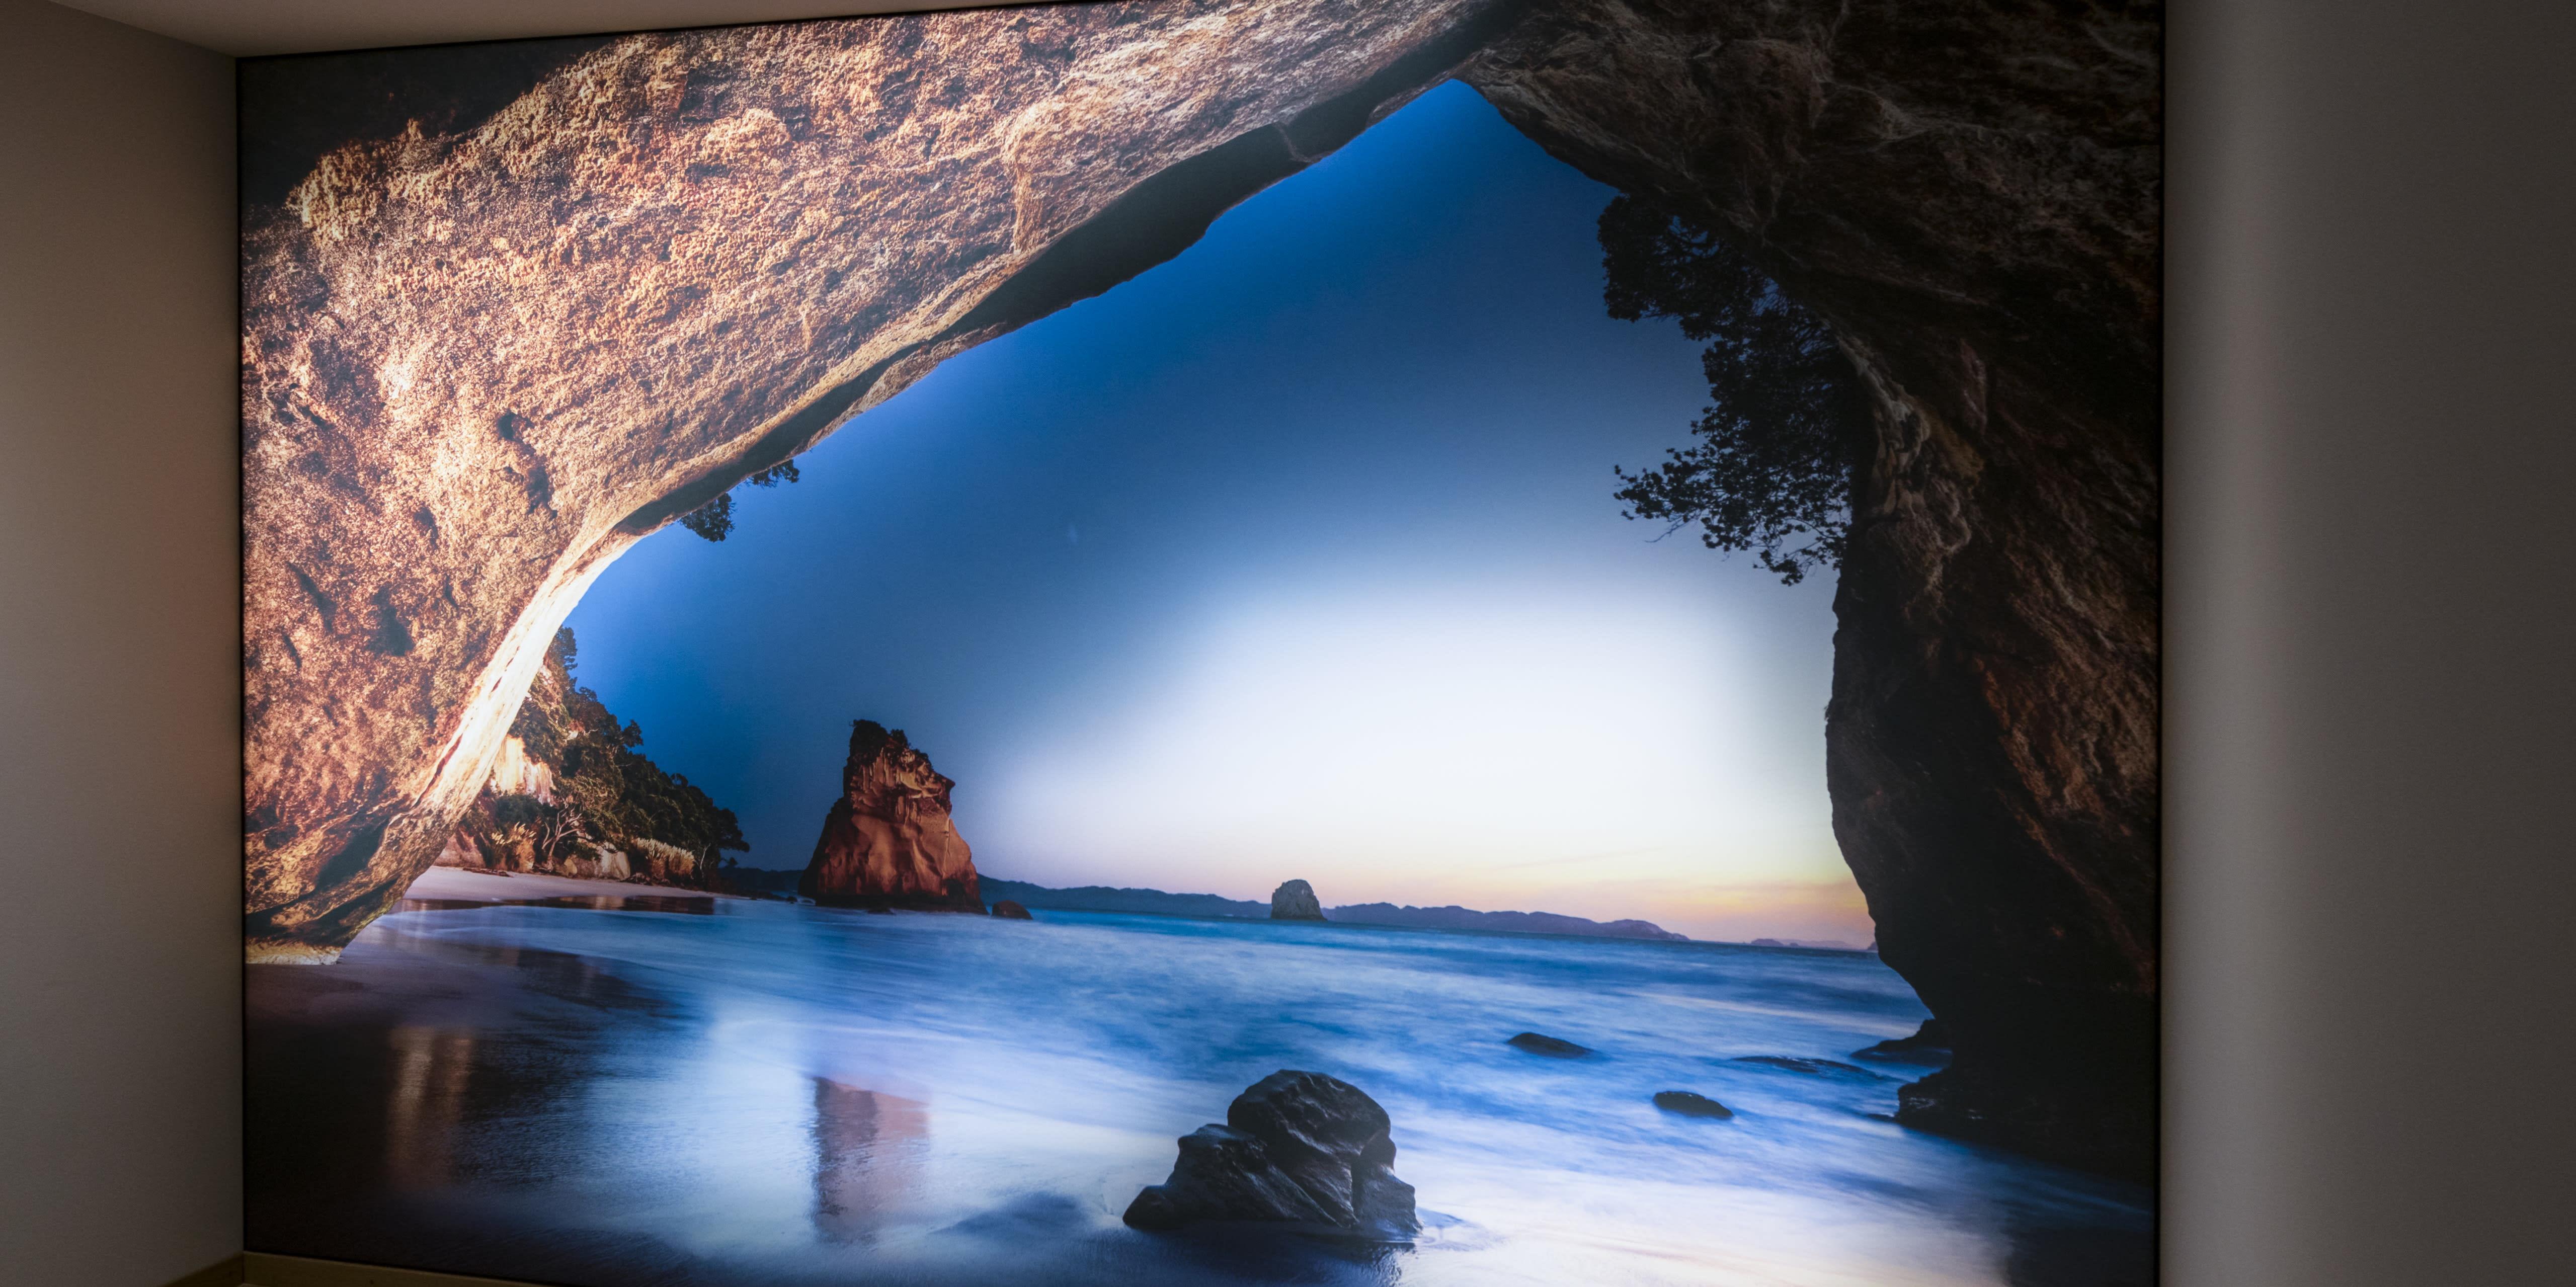 Höhle Bedruckte Wand von hinten beleuchtet